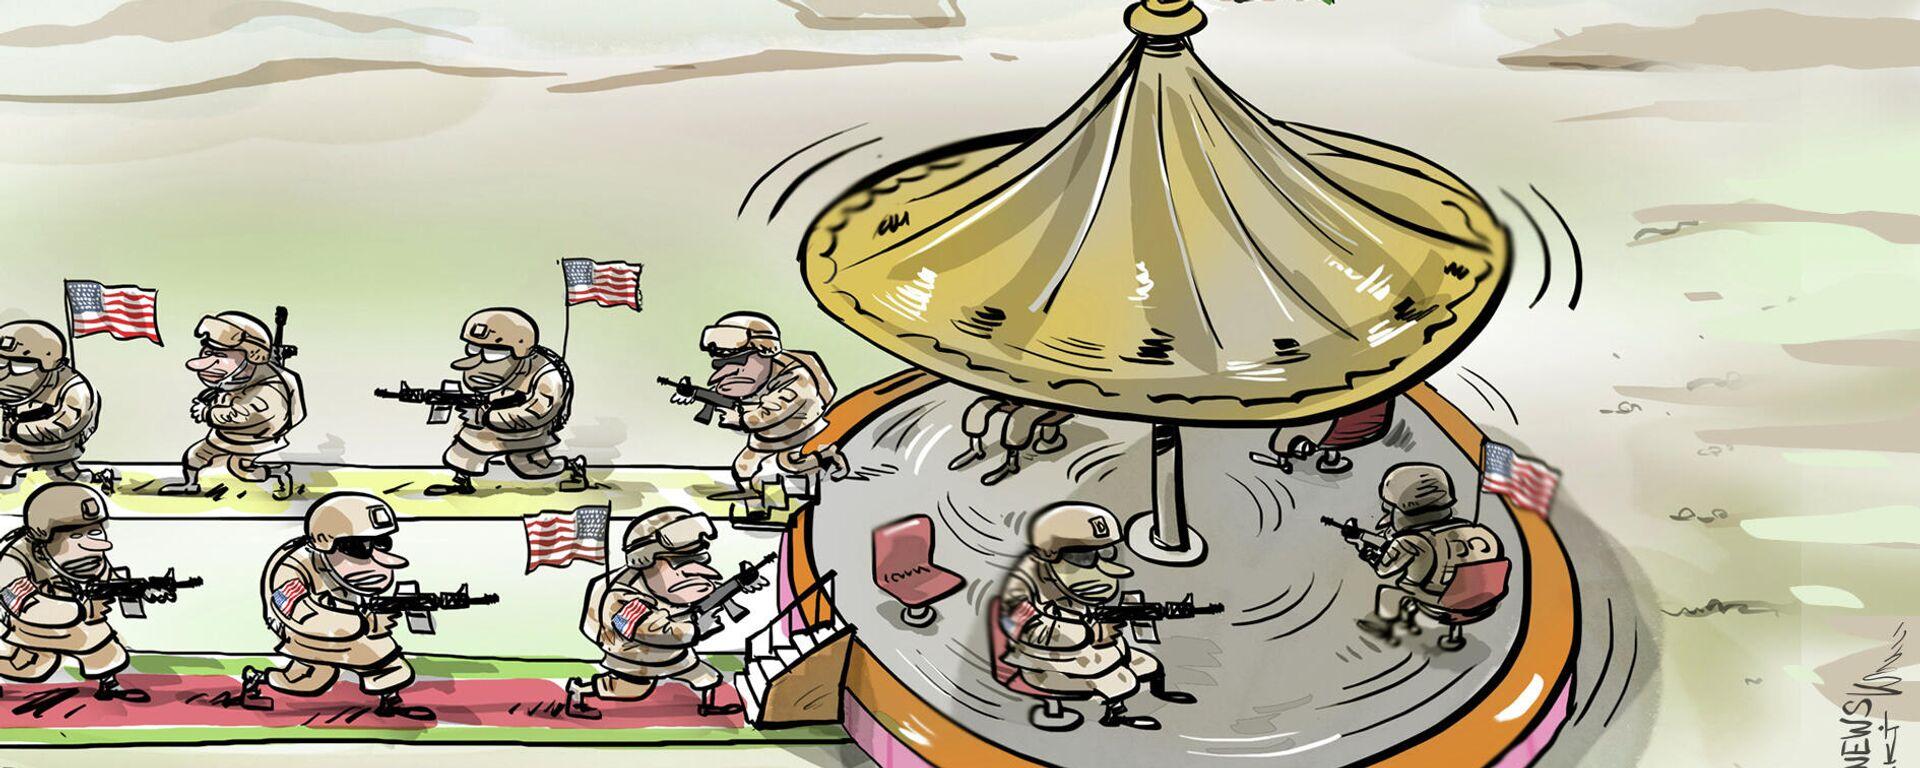 Para sacar a tropas de Afganistán, EEUU envía aún más tropas - Sputnik Mundo, 1920, 28.04.2021